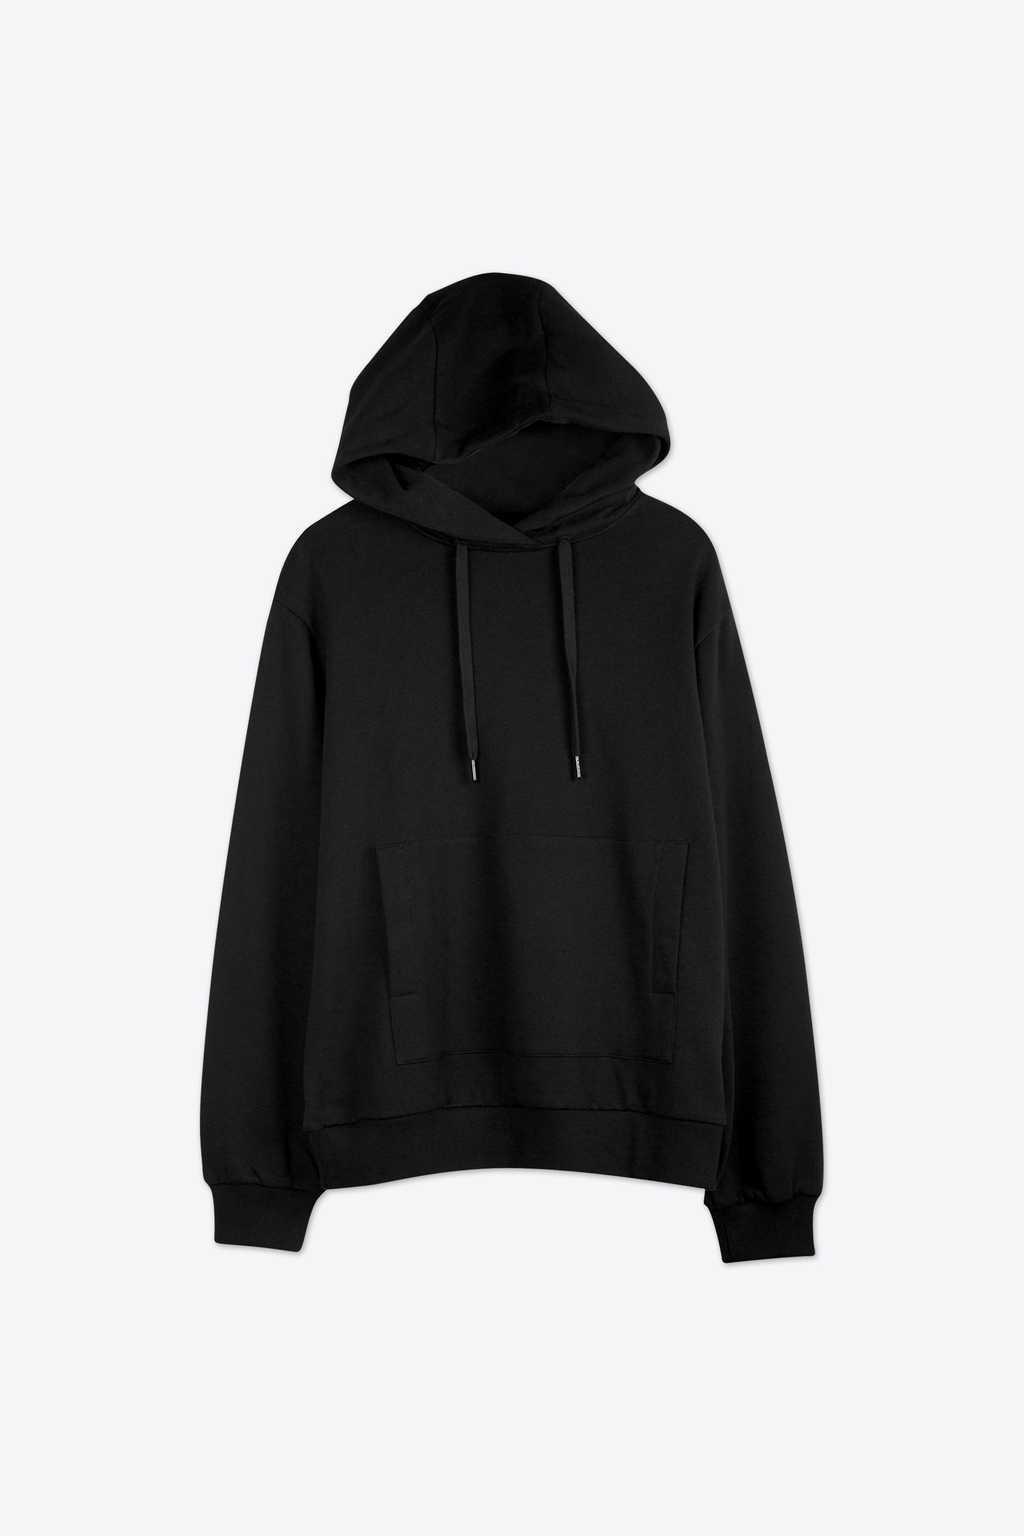 Hoodie 1414 Black 7